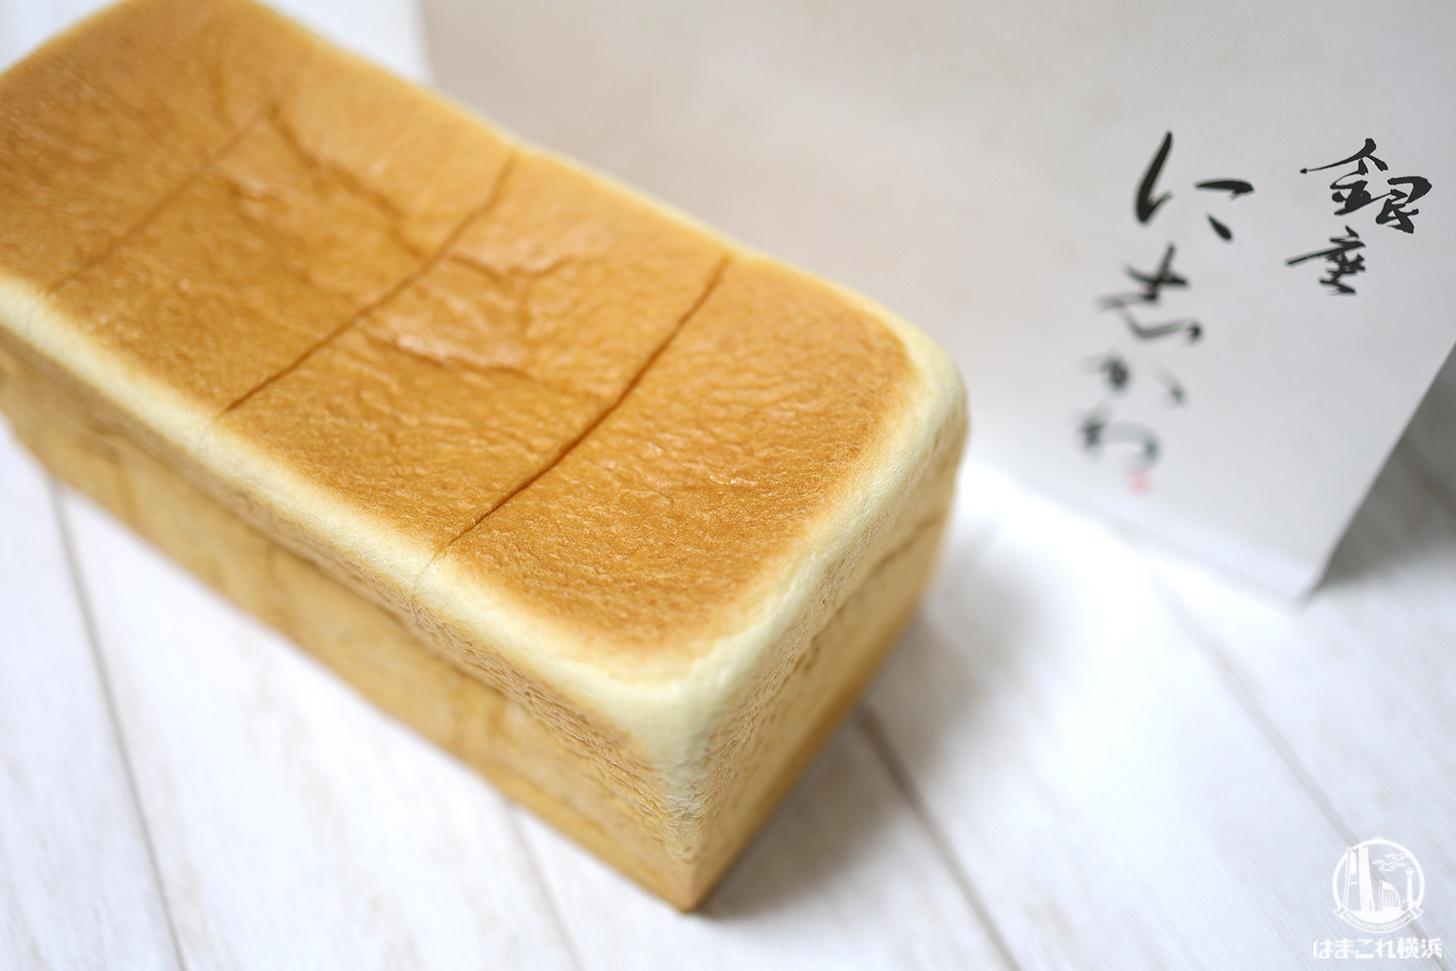 銀座に志かわの高級食パン